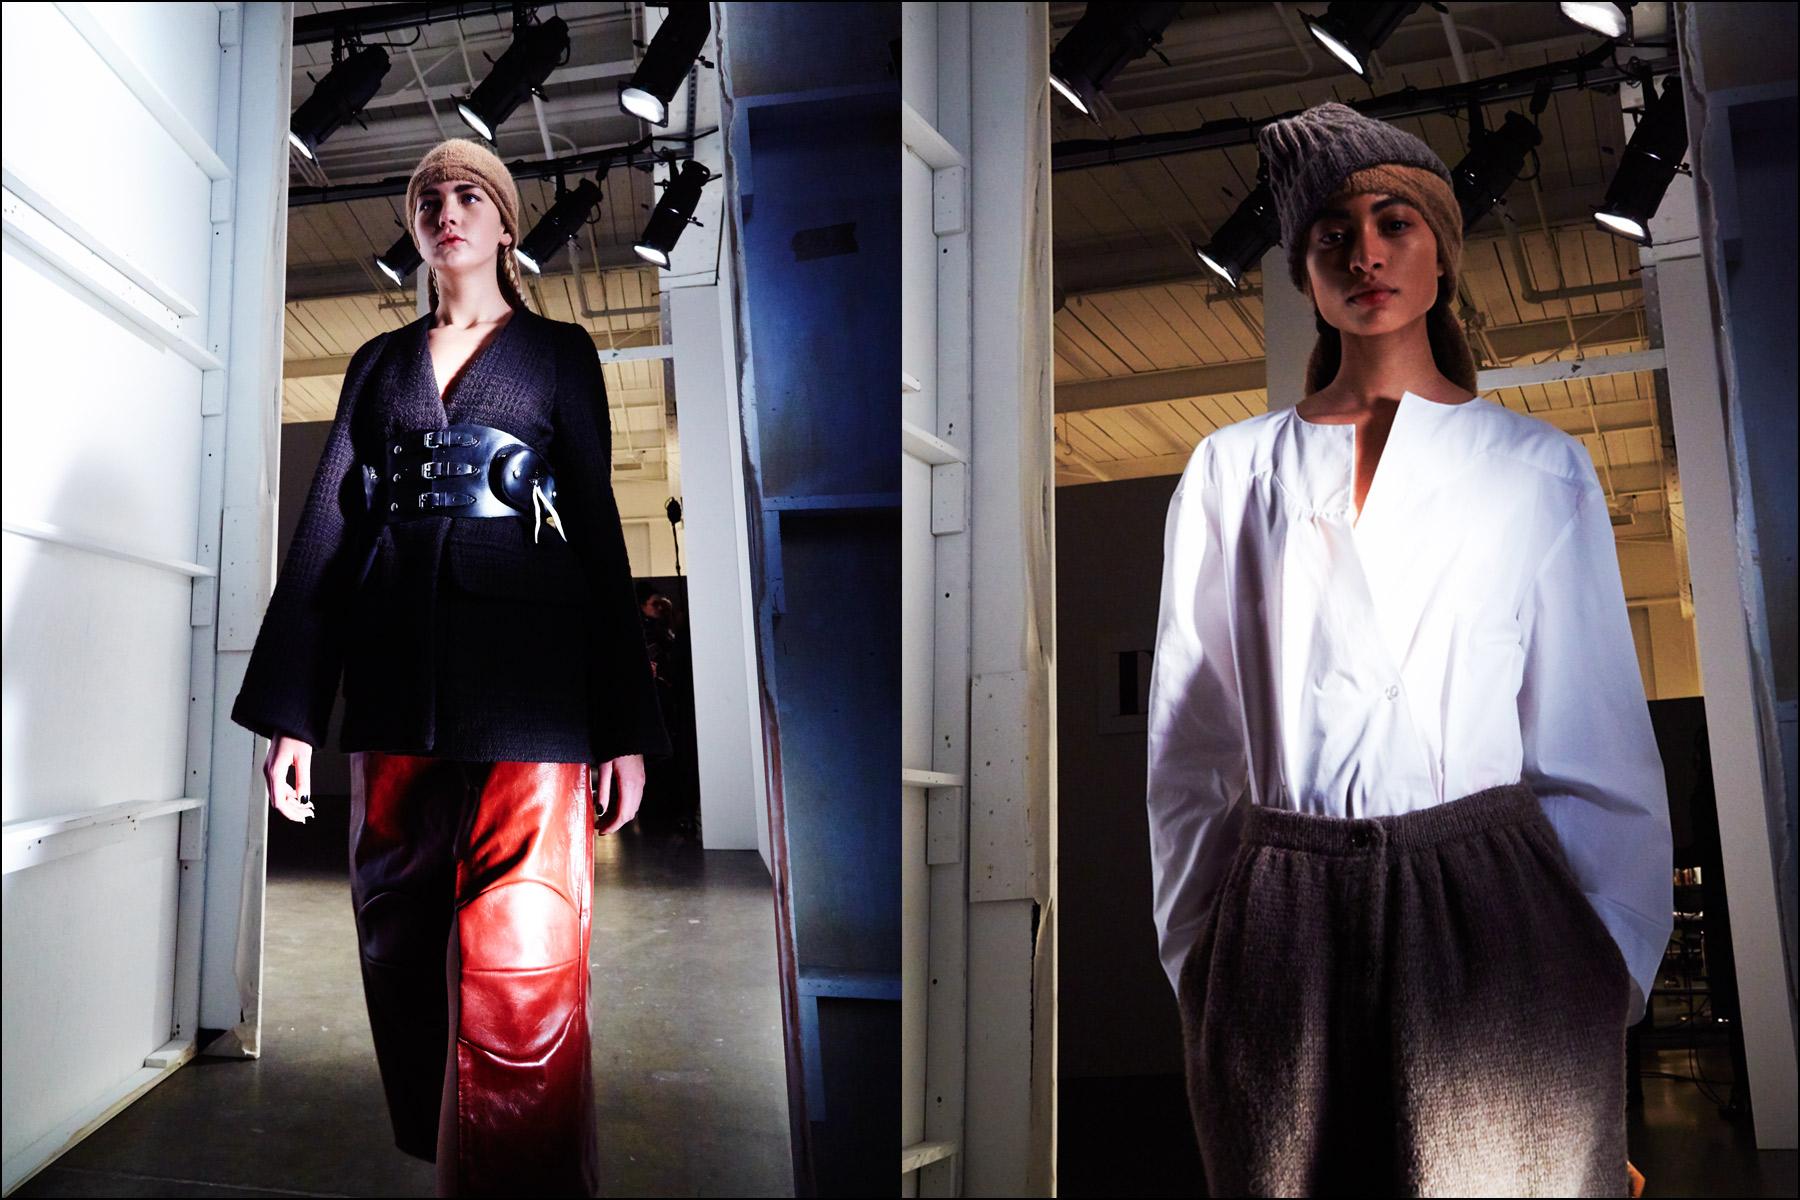 Models exit stage backstage at A Détacher